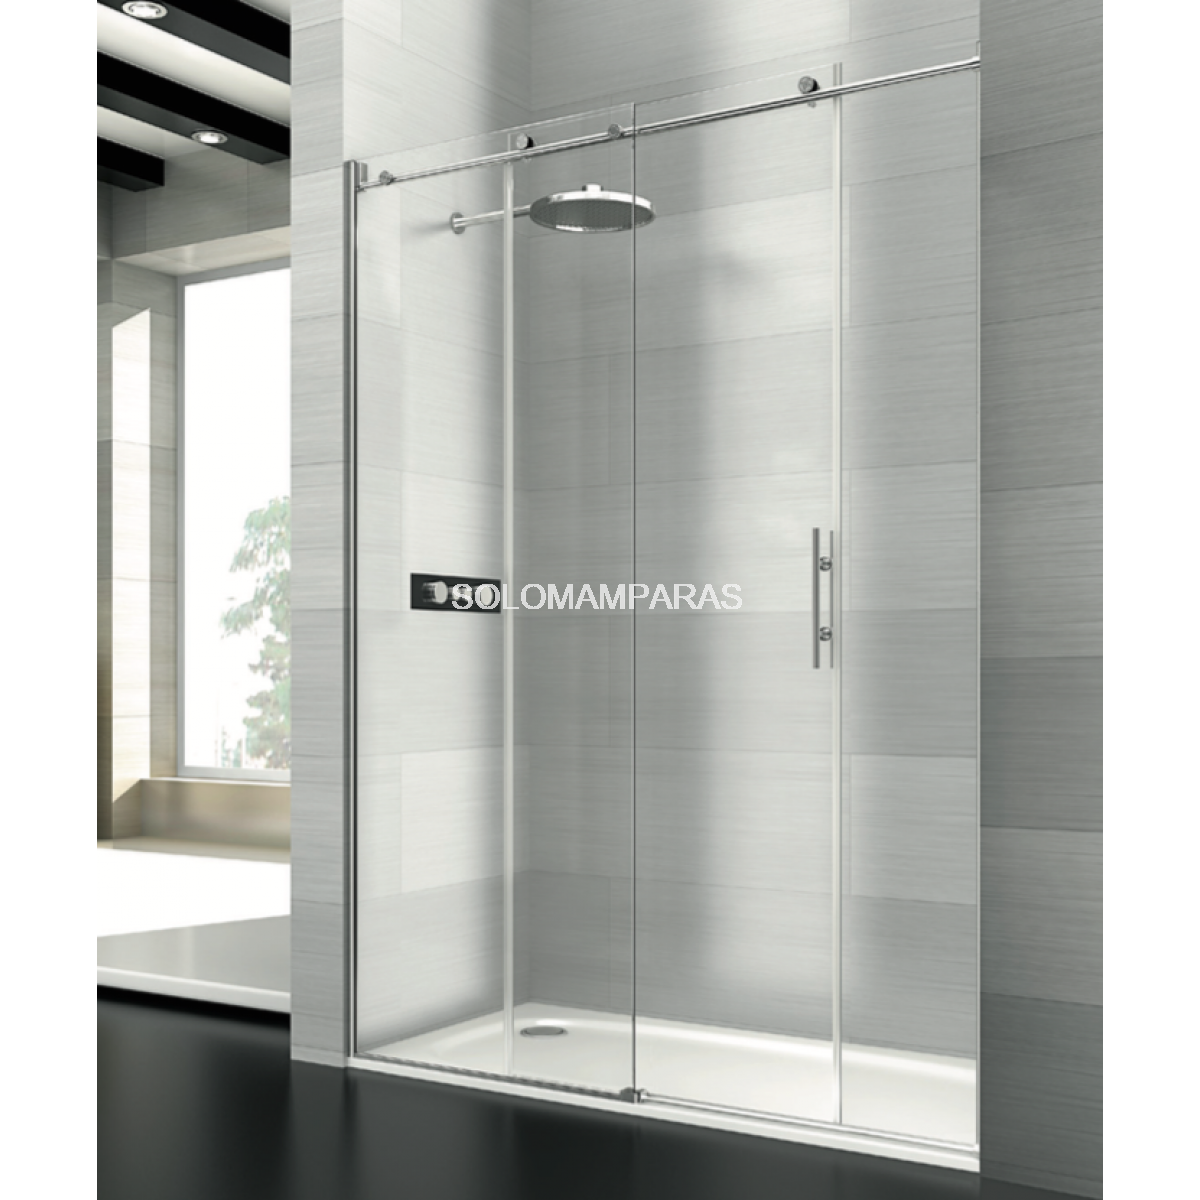 Mampara de ducha saina deyban 1 fijo 1 corredera - Mamparas de ducha opiniones ...